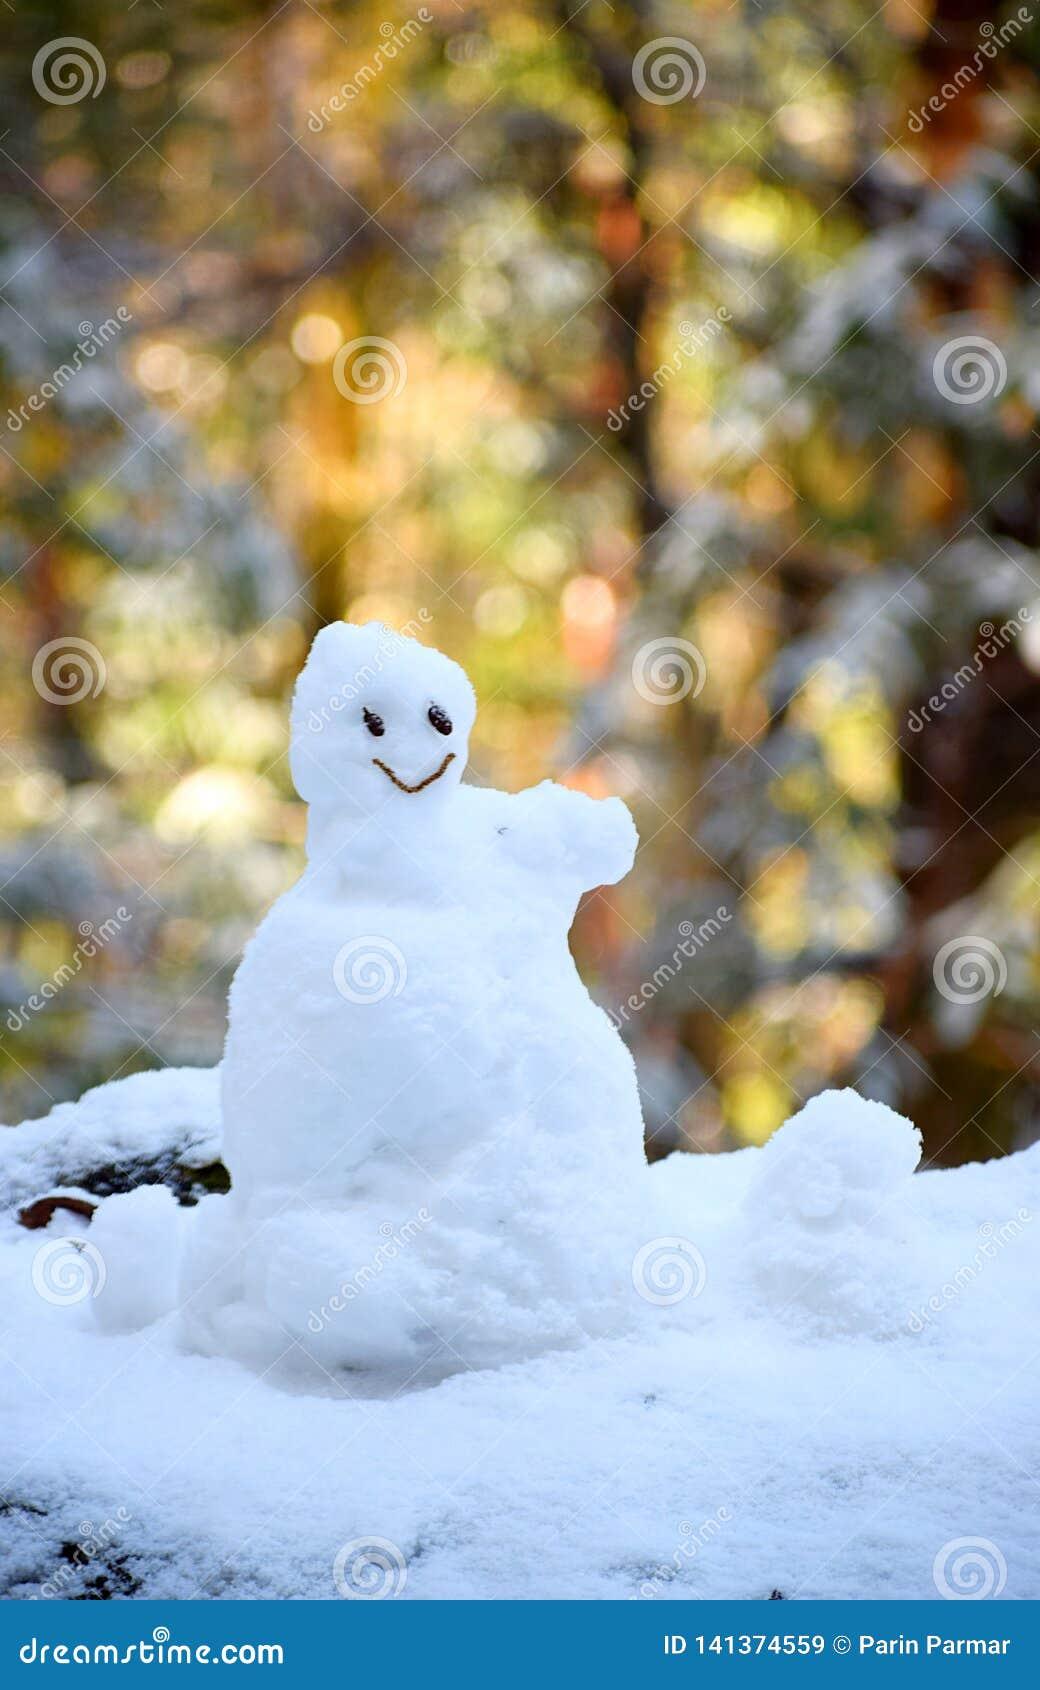 Pozytywne emocje i postawa mały bałwan radość, szczęście i Uśmiechnięta twarz -, -